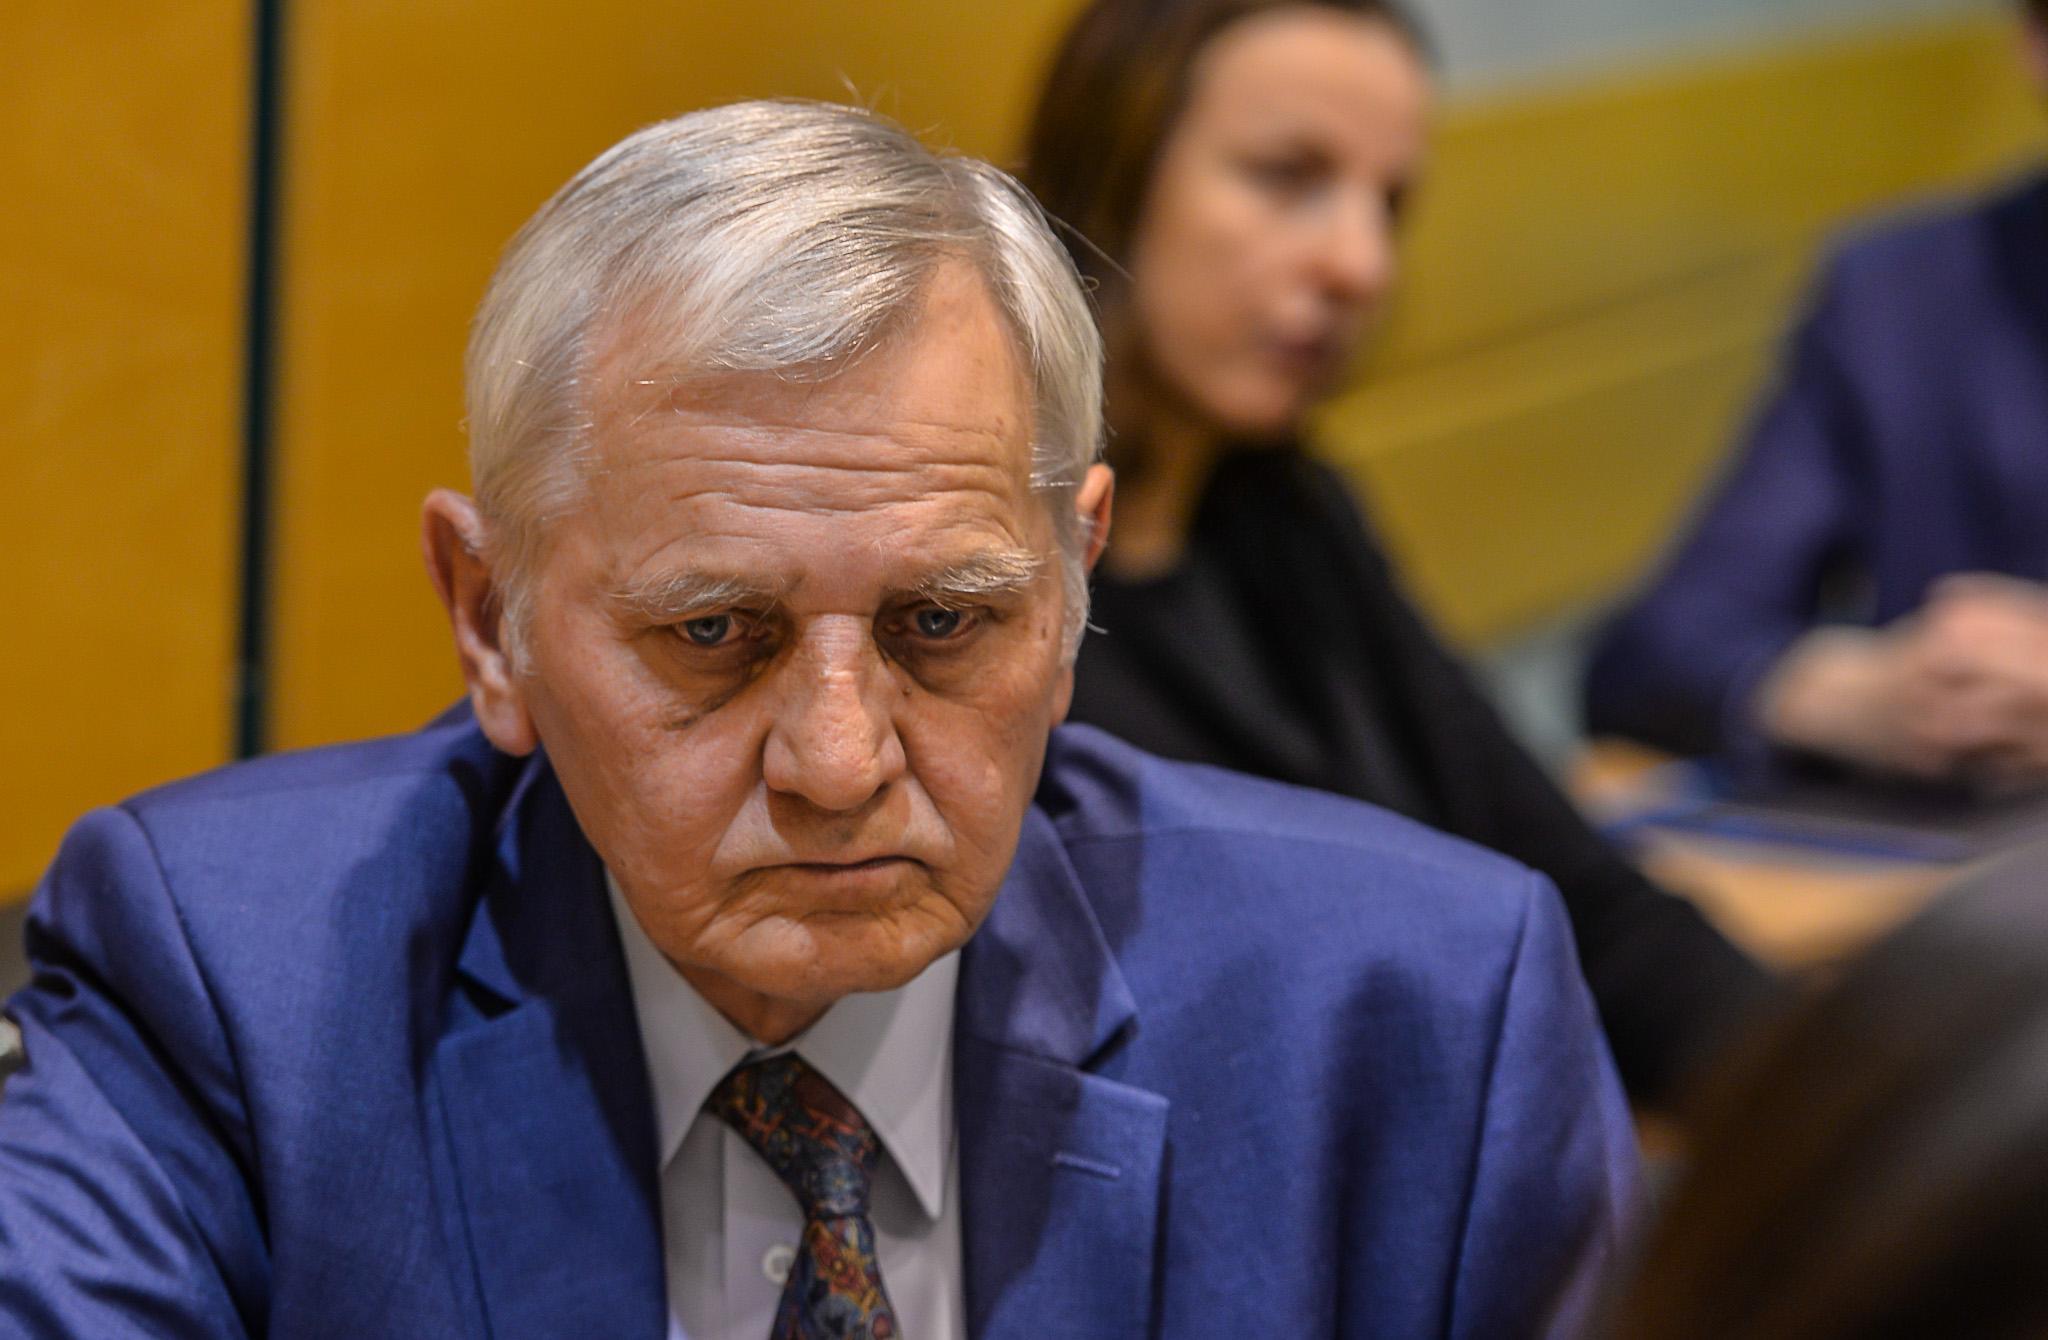 Chachulski Krzysztof, fot. Przemysław Świderski